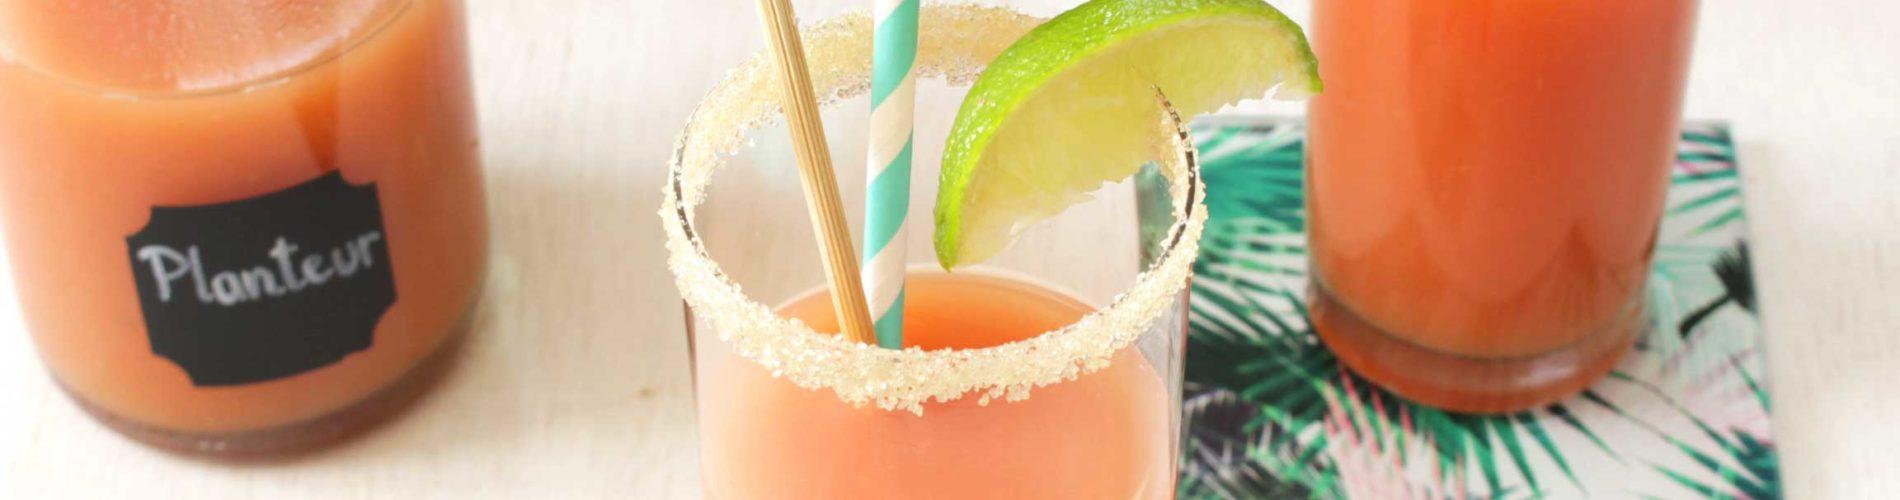 Planteur cocktail alcoolisé